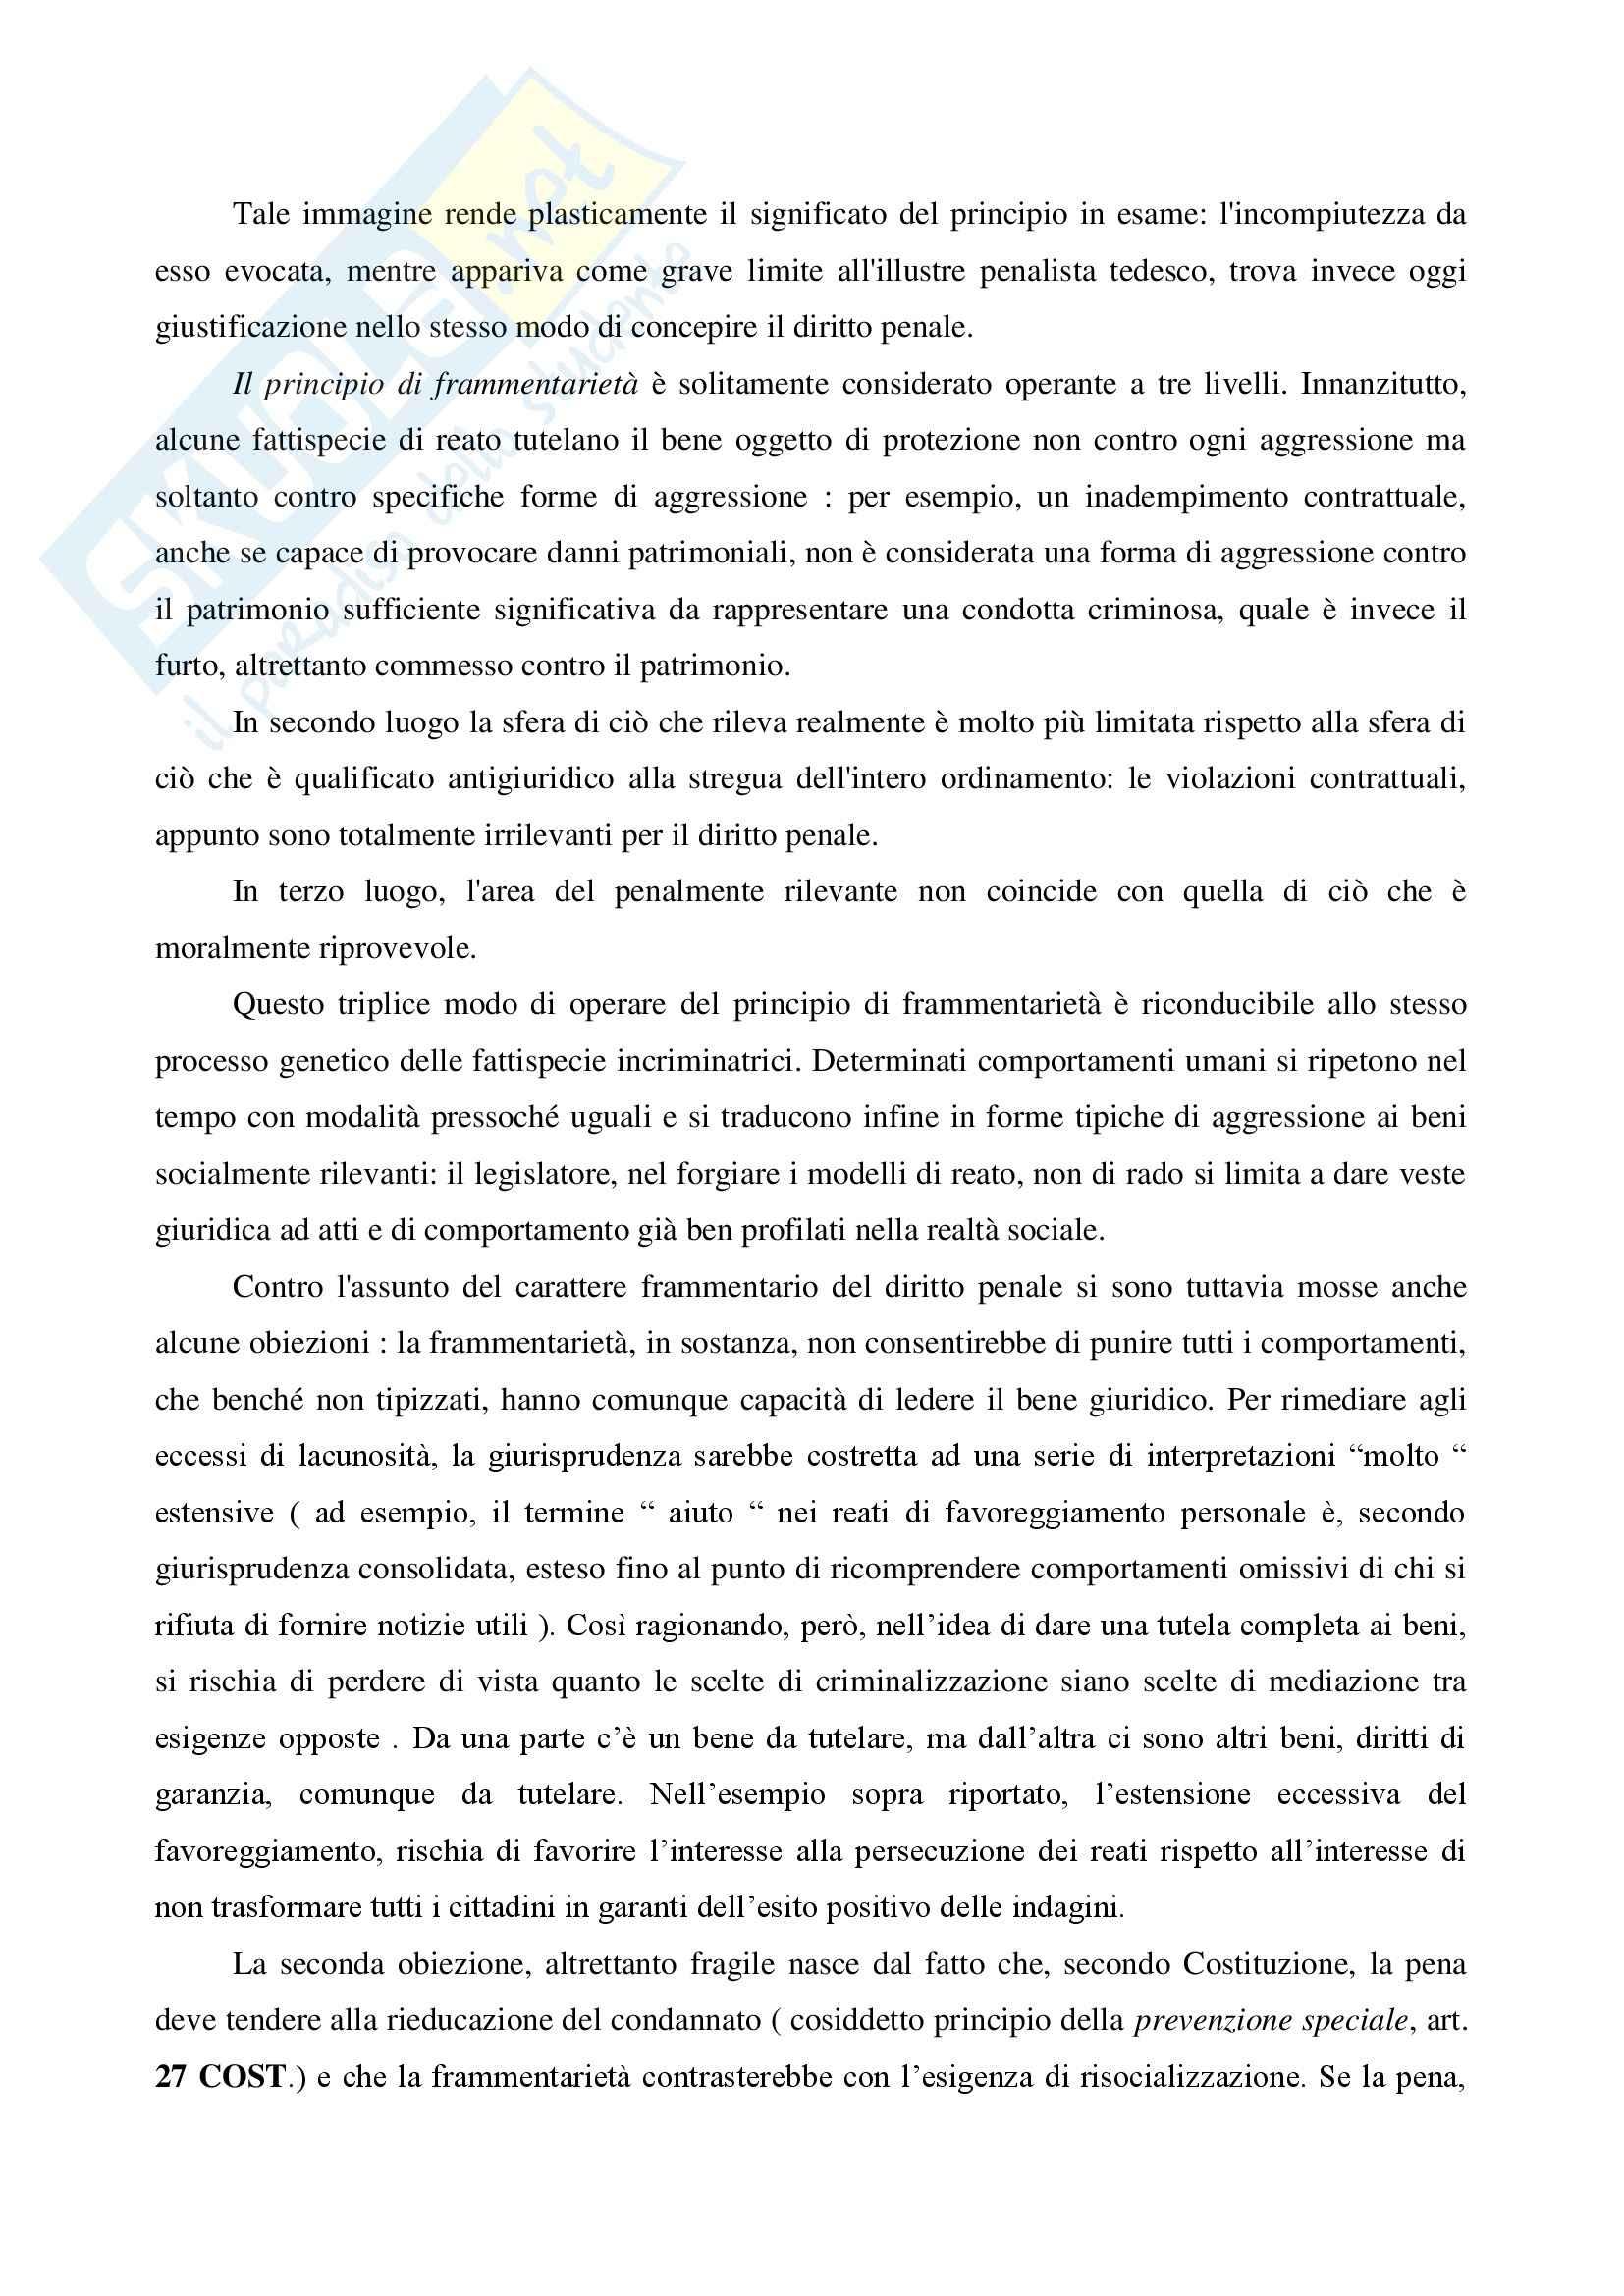 Diritto penale dell'organizzazione - Appunti Pag. 11